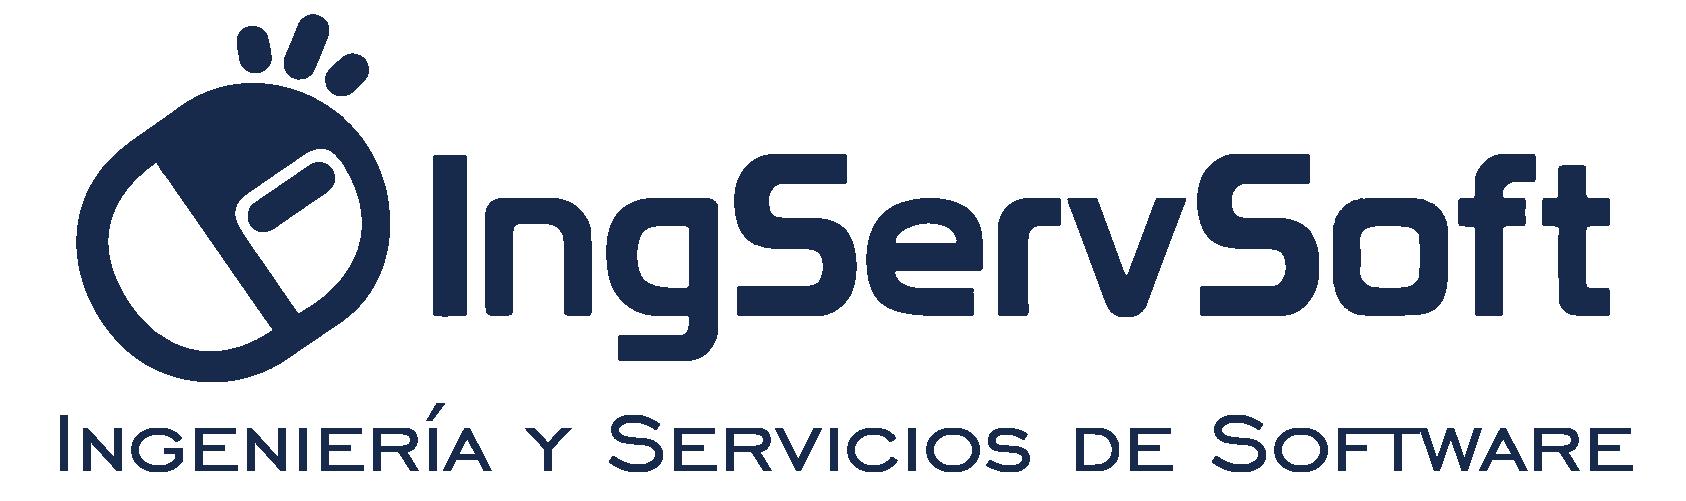 Ingeniería y Servicios de Software